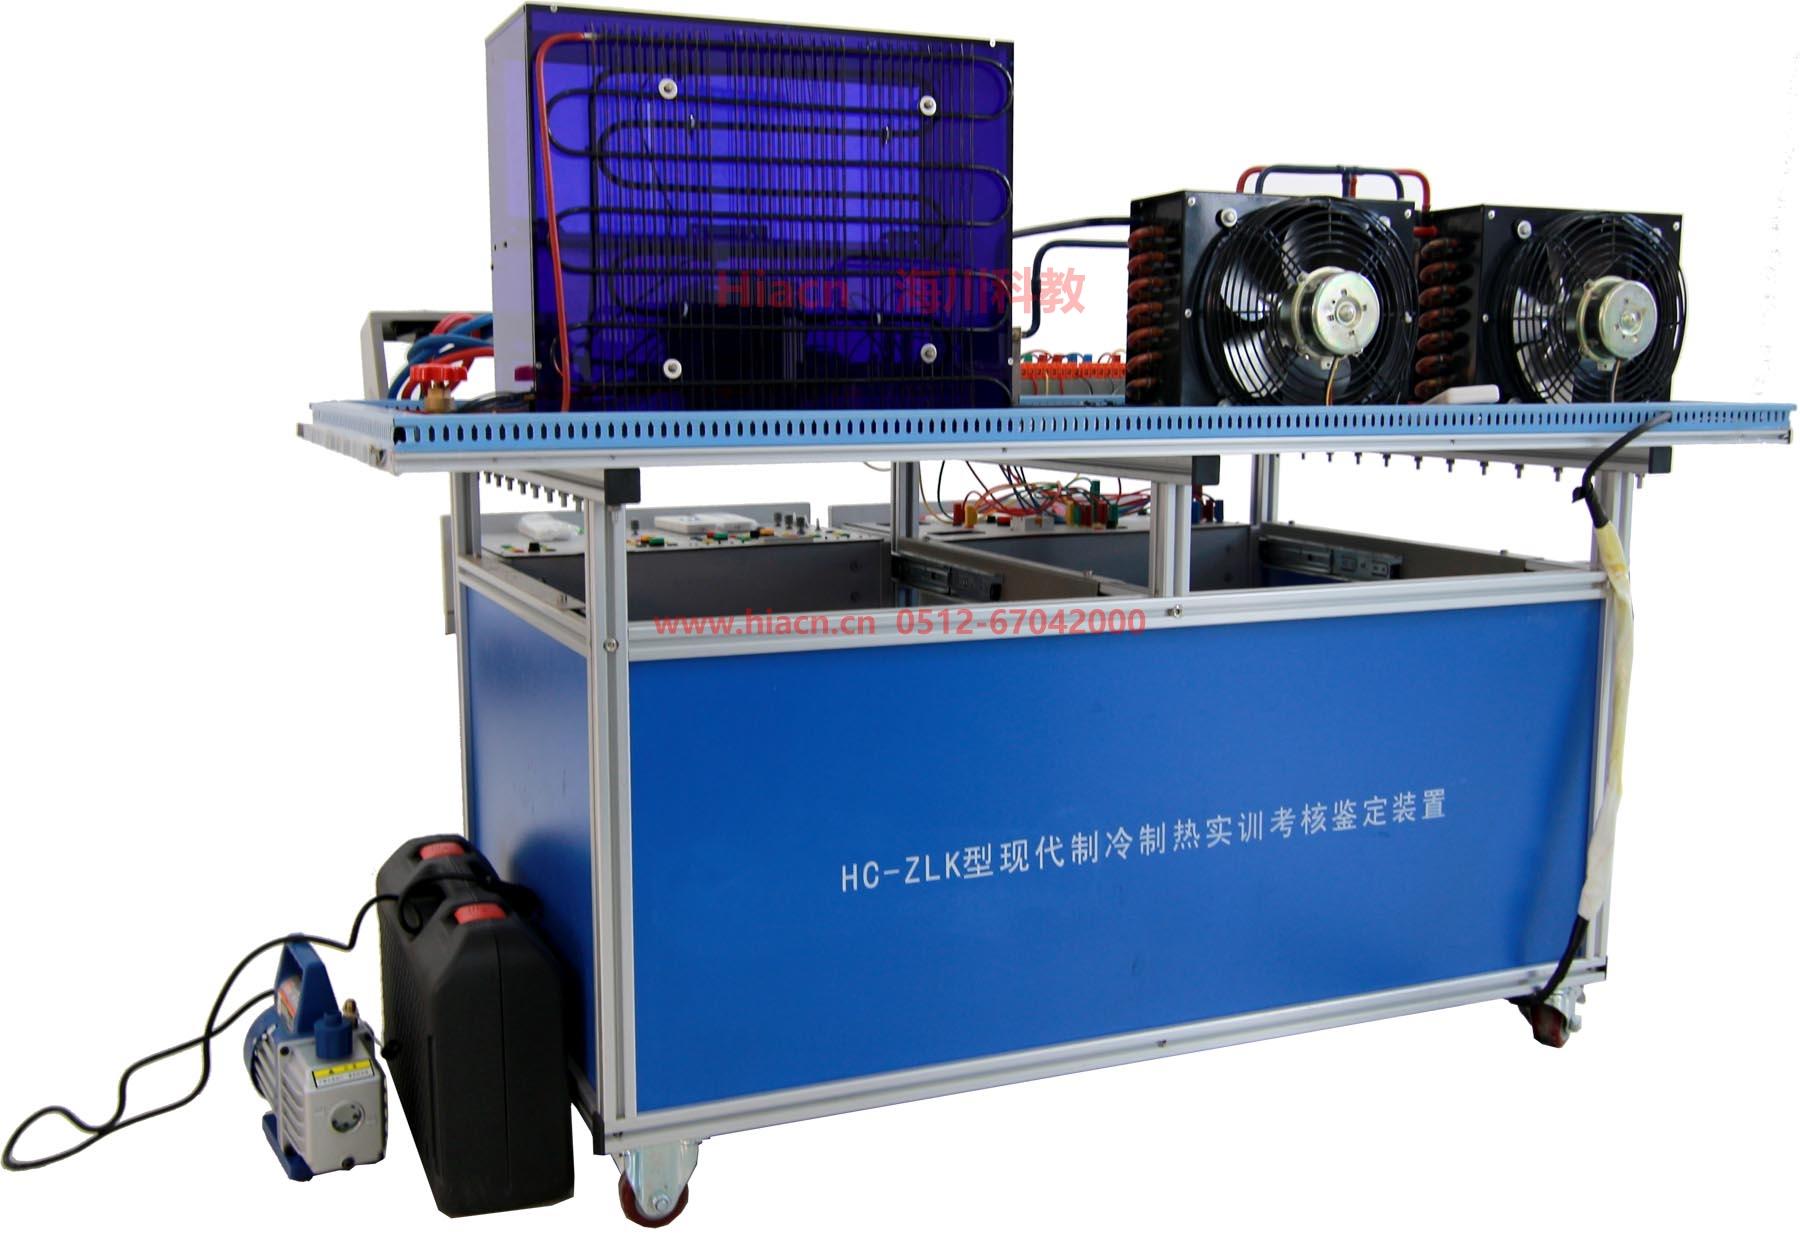 现代制冷制热实训考核鉴定装置产品图片